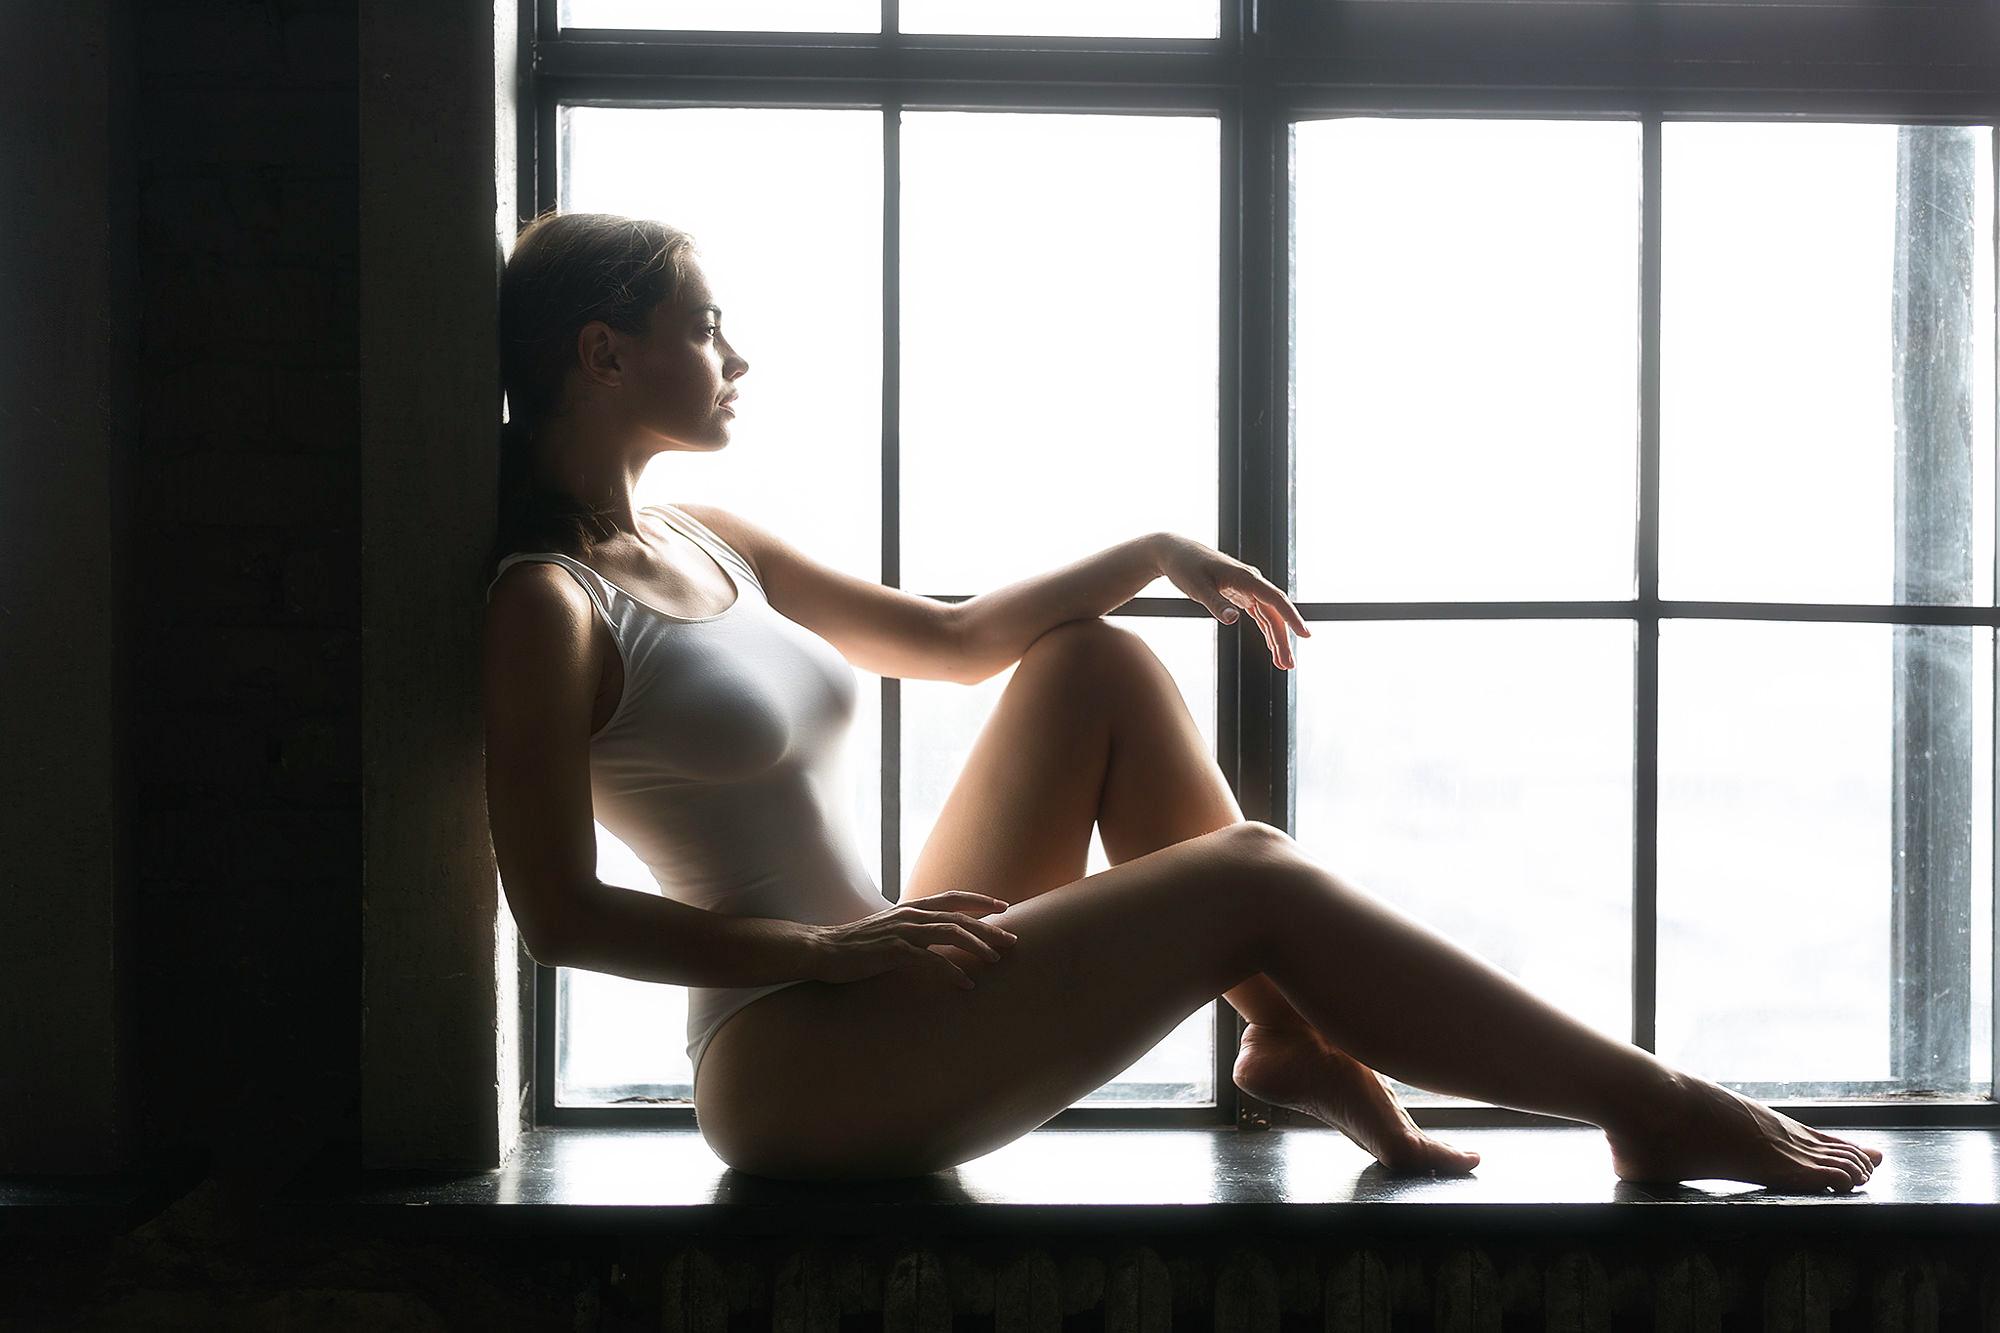 Операция на груди: 9 фактов, о которых нужно знать заранее